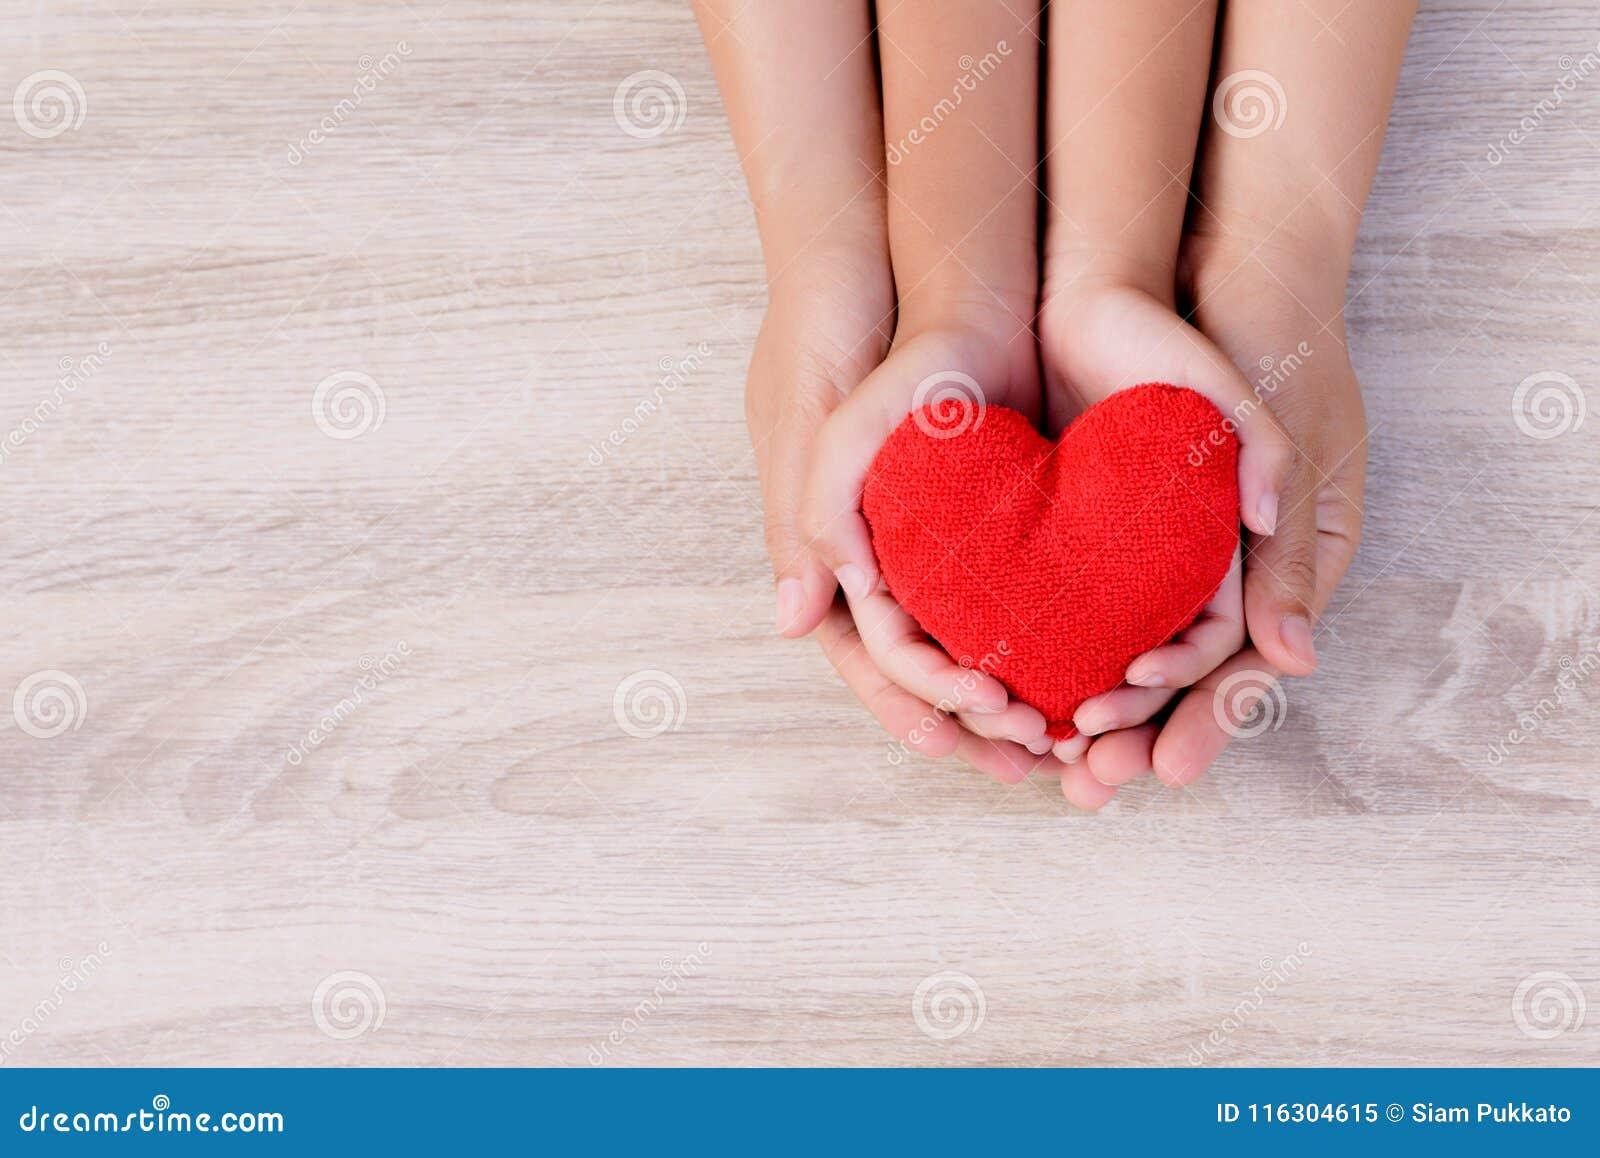 Gesundheitswesen, Liebe, Organspende, Familienversicherung und Bauzustands-Übersichtsbericht Konzept